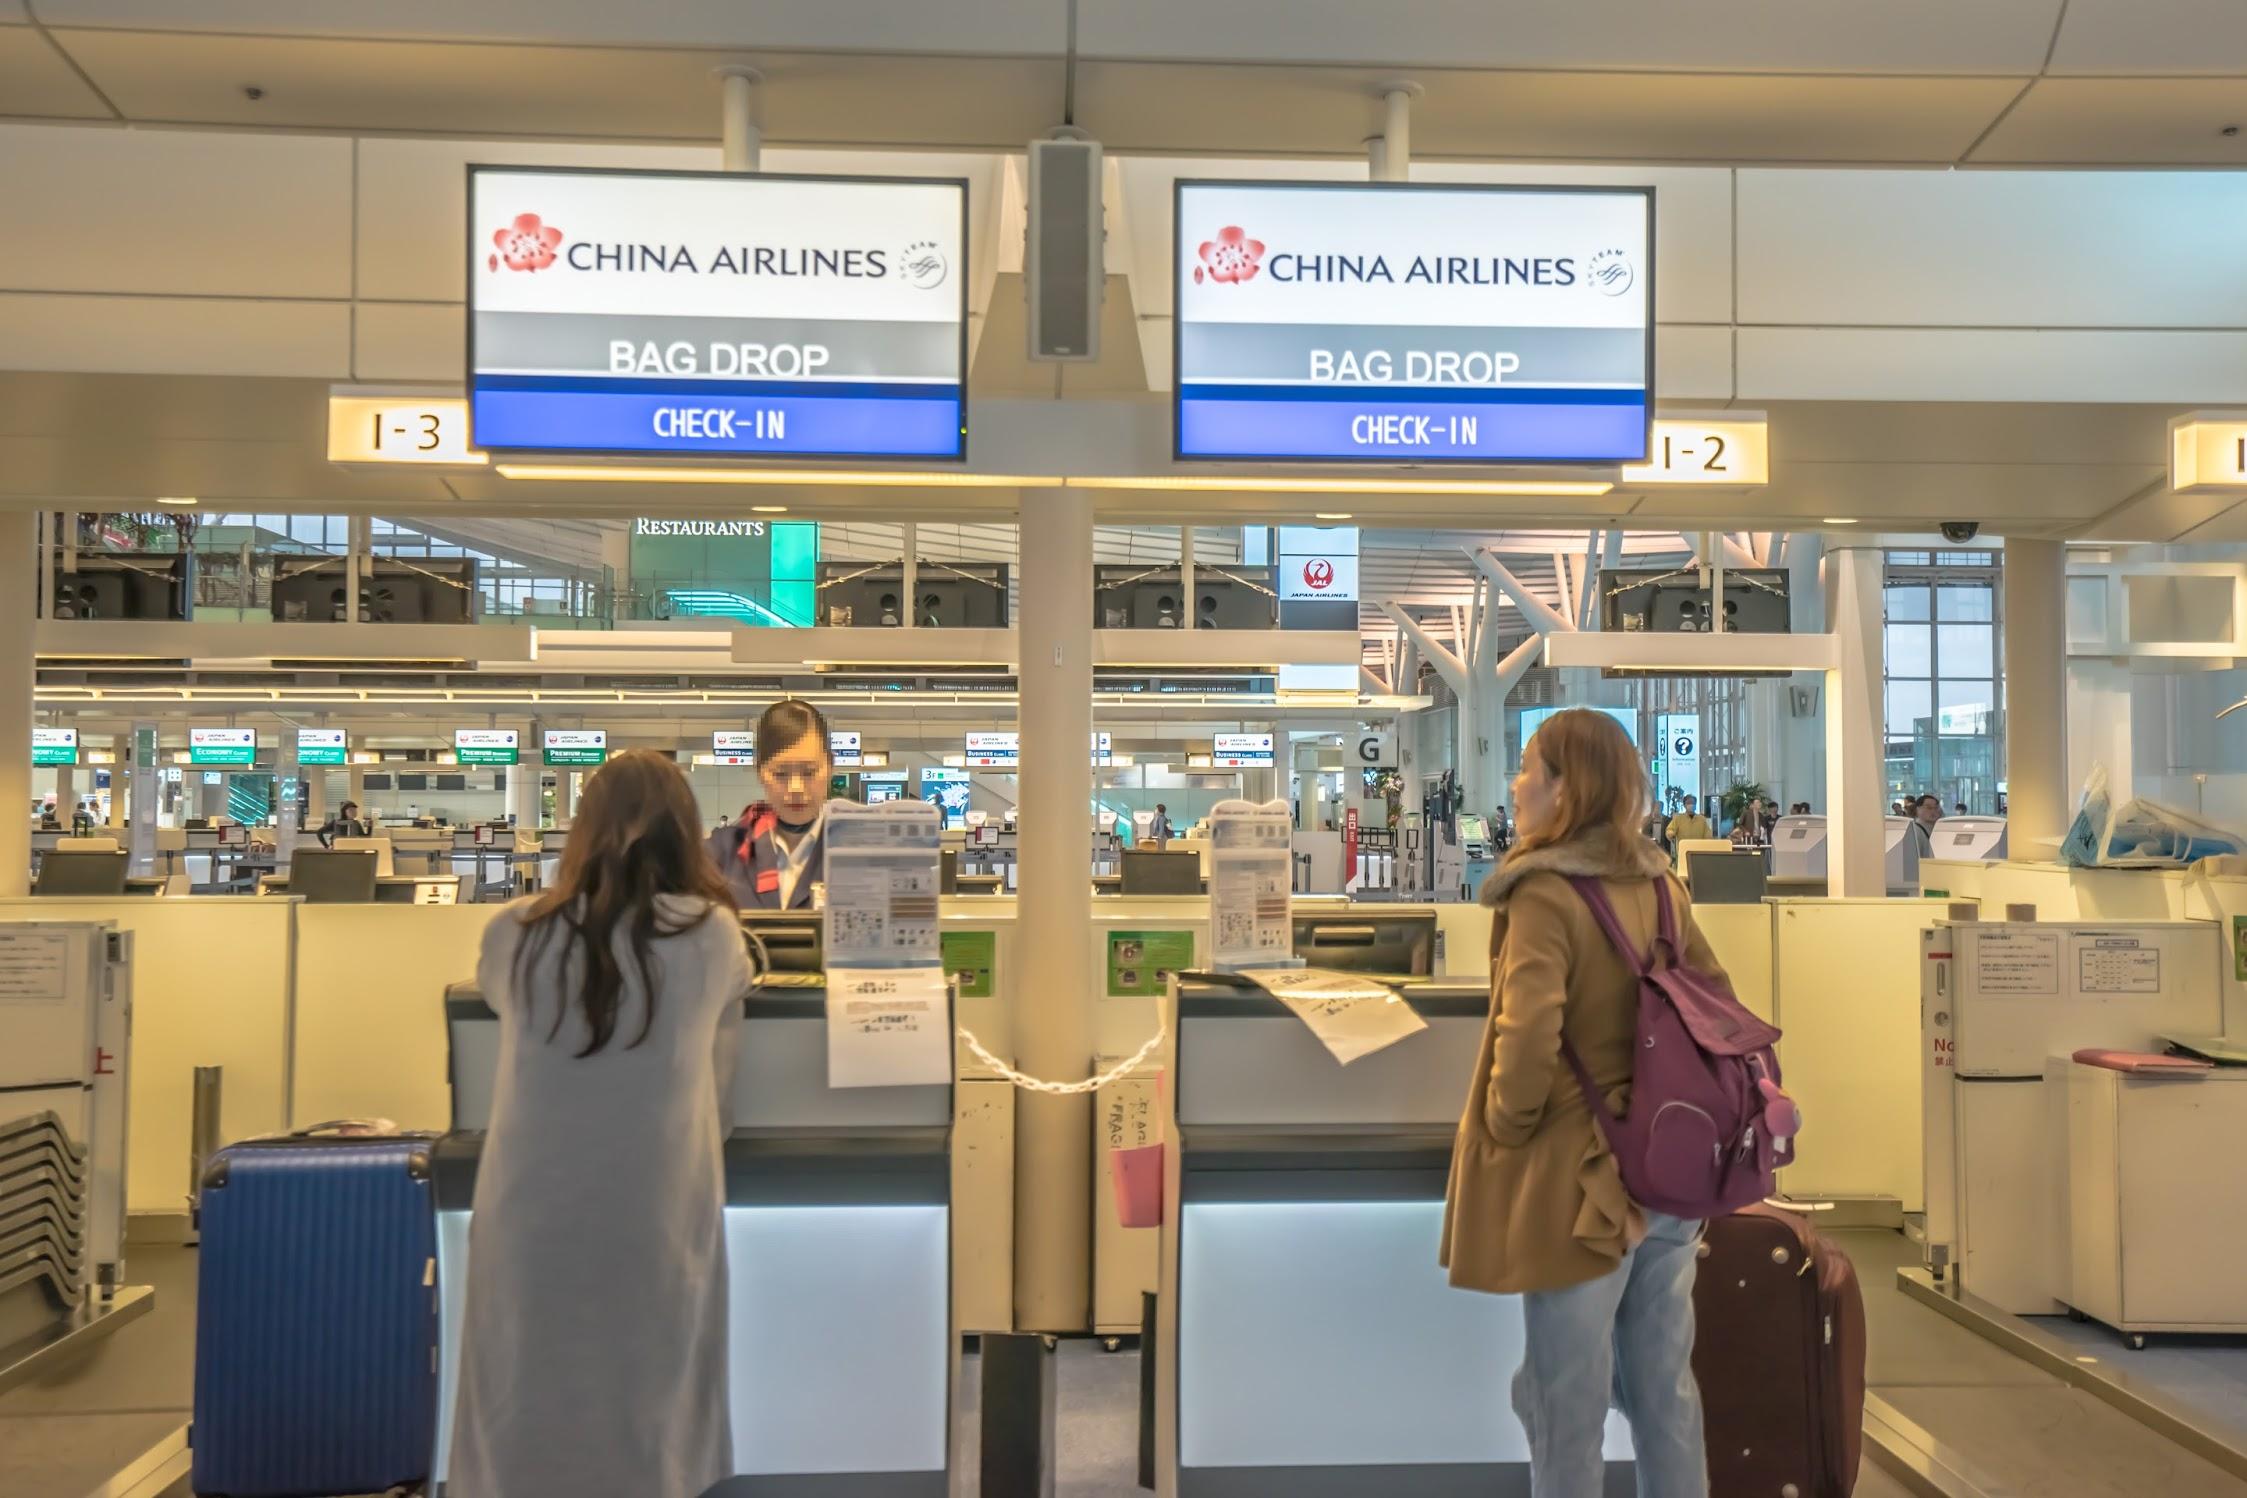 羽田空港 チャイナエアライン